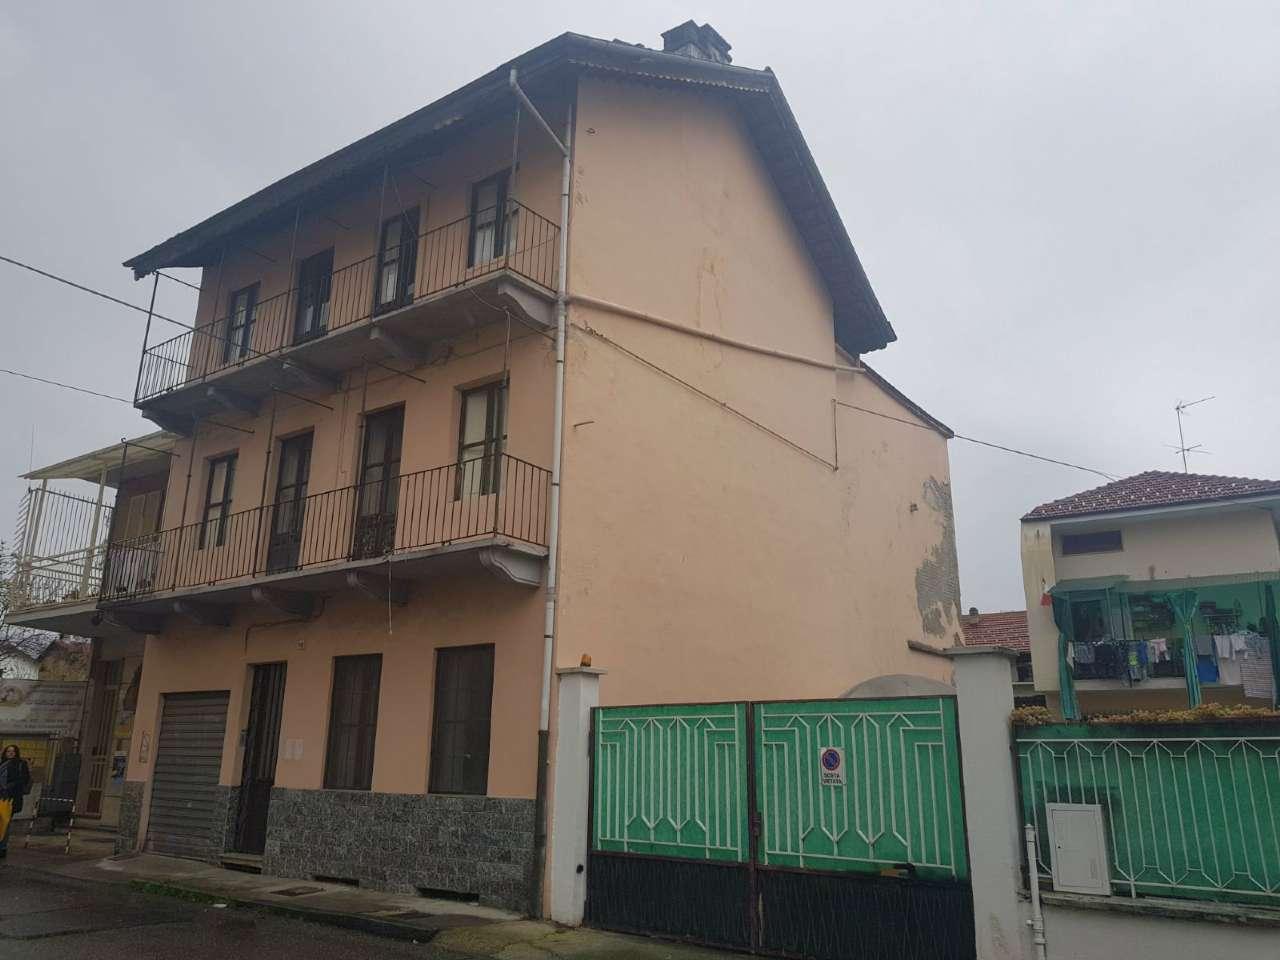 Rustico / Casale in vendita a Mathi, 9999 locali, prezzo € 50.000 | CambioCasa.it